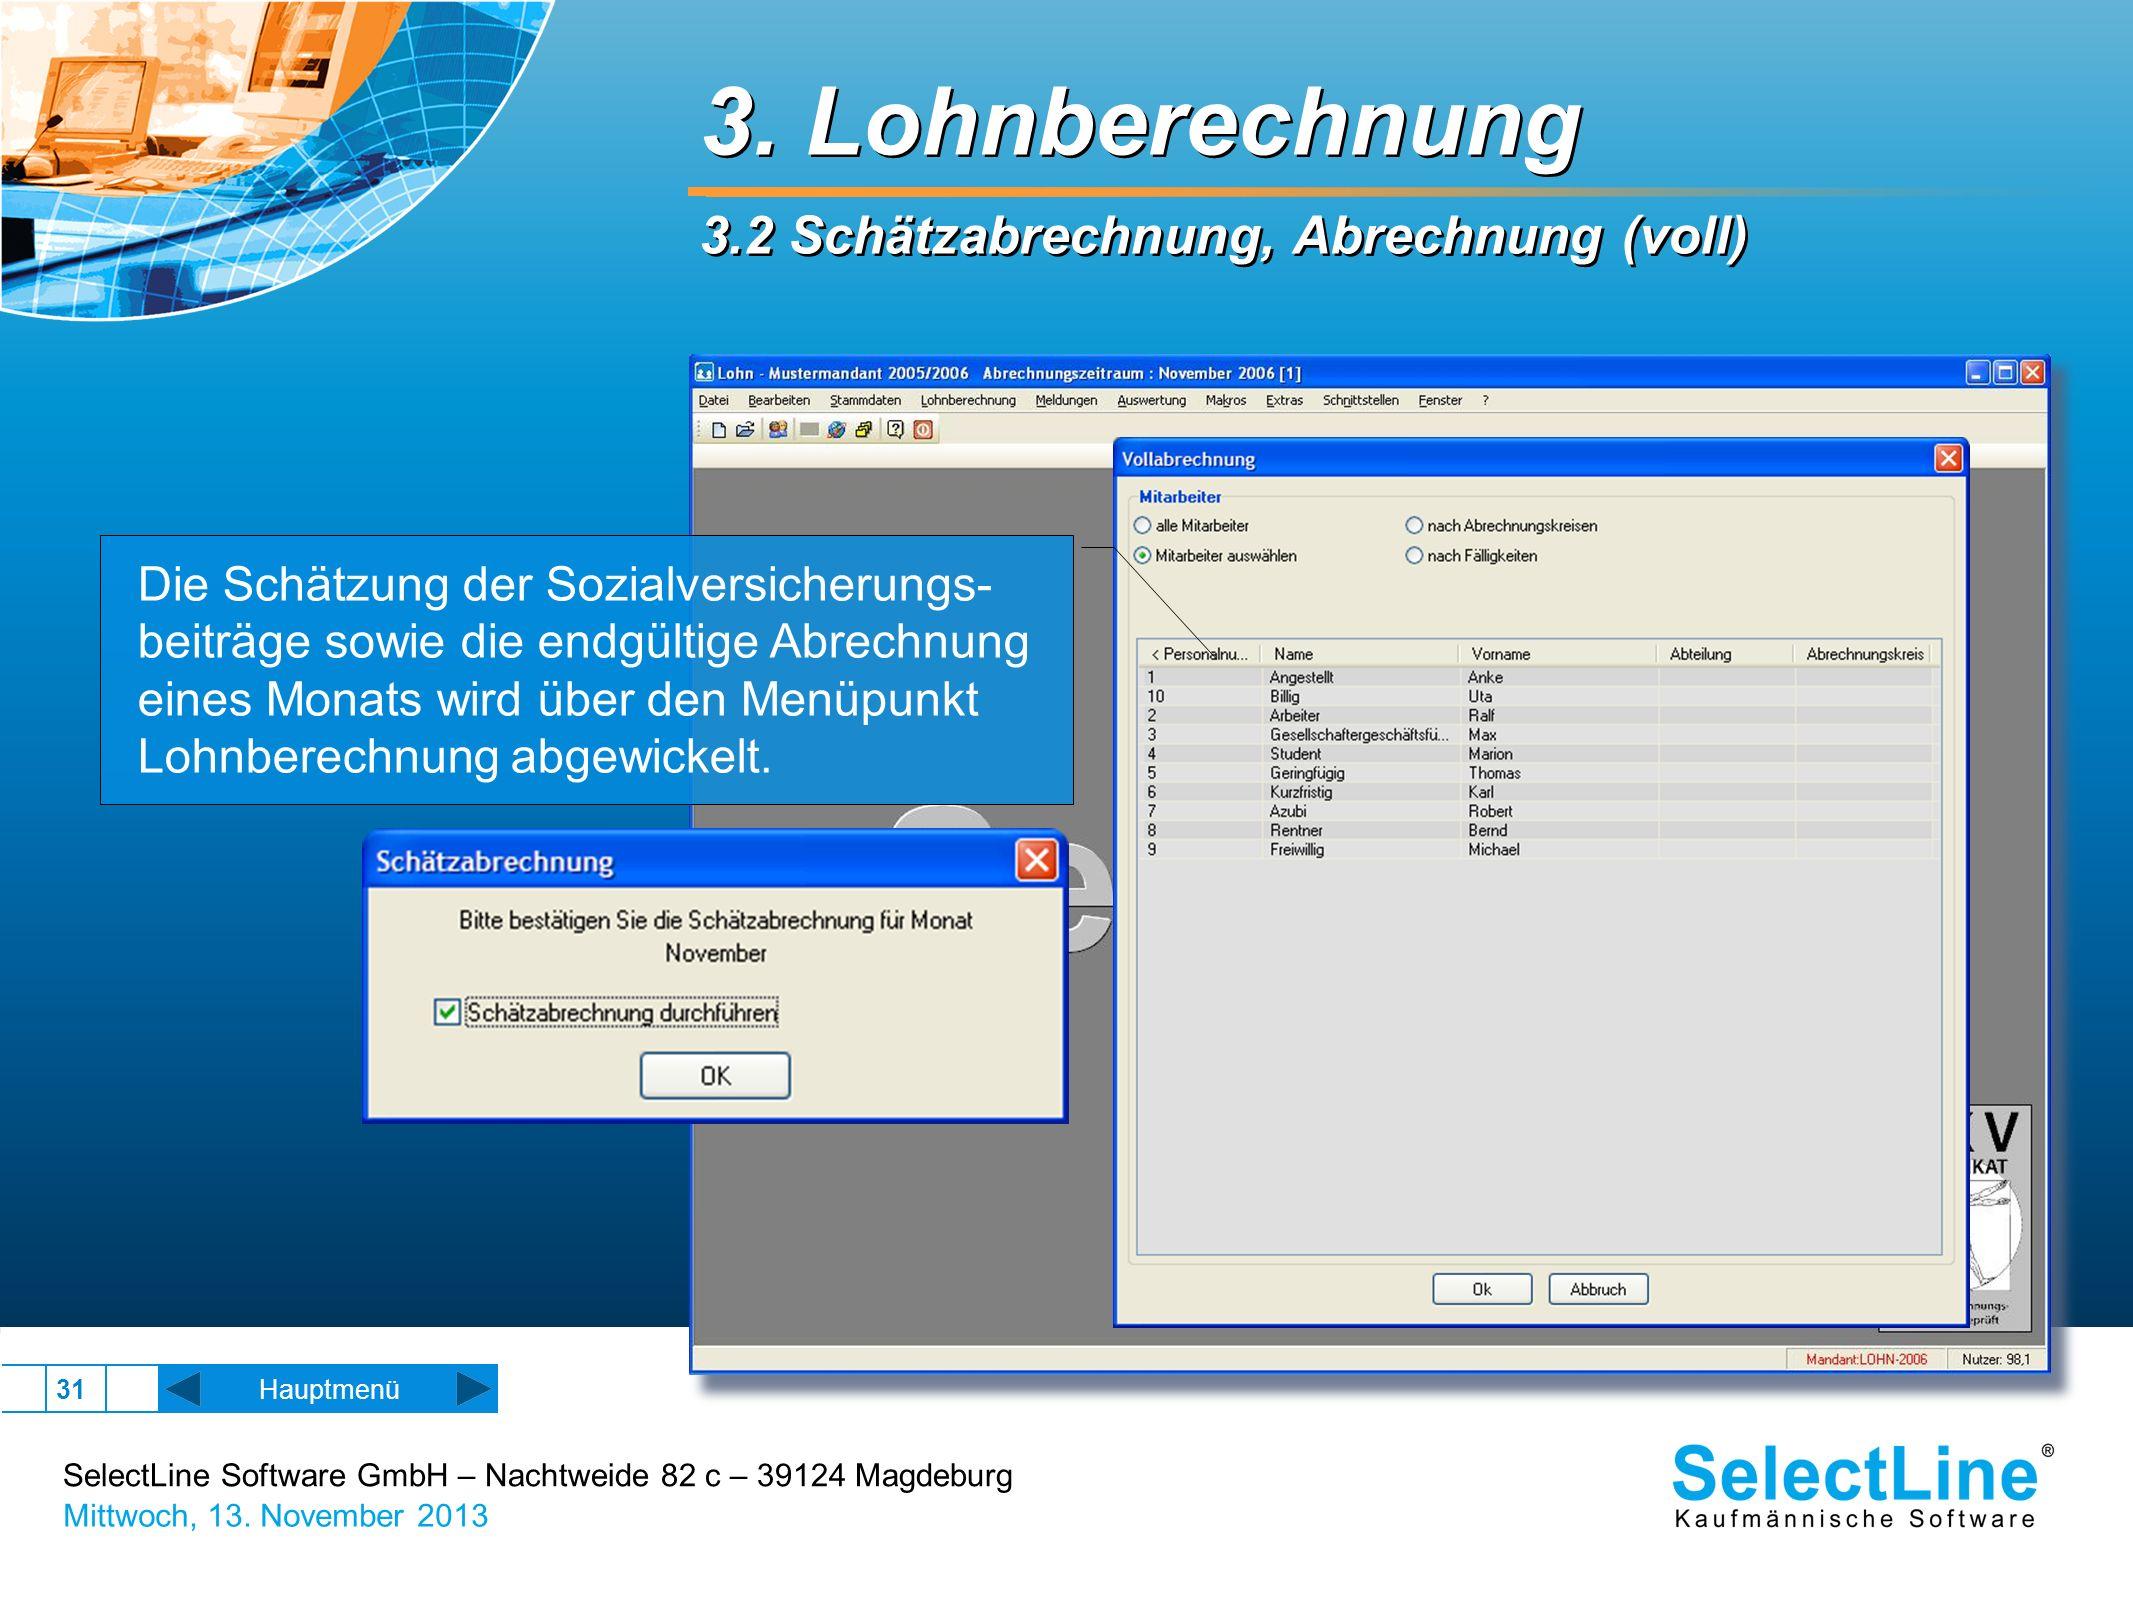 SelectLine Software GmbH – Nachtweide 82 c – 39124 Magdeburg Mittwoch, 13. November 2013 31 Hauptmenü Die Schätzung der Sozialversicherungs- beiträge